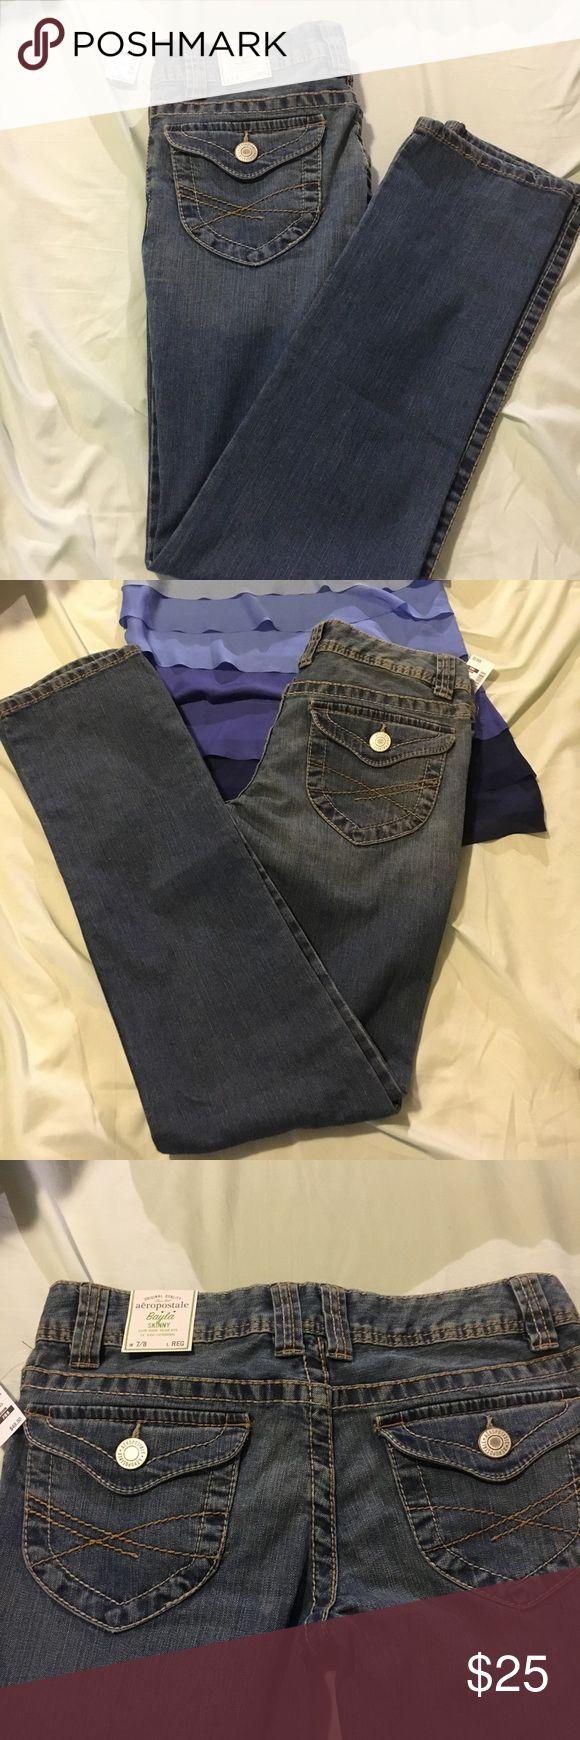 Bayla Skinny Jeans - Aeropostale NWT Super cute skinny jeans for Aeropostale. NWT!! Medium wash, regular length. Size 7/8 Aeropostale Jeans Skinny